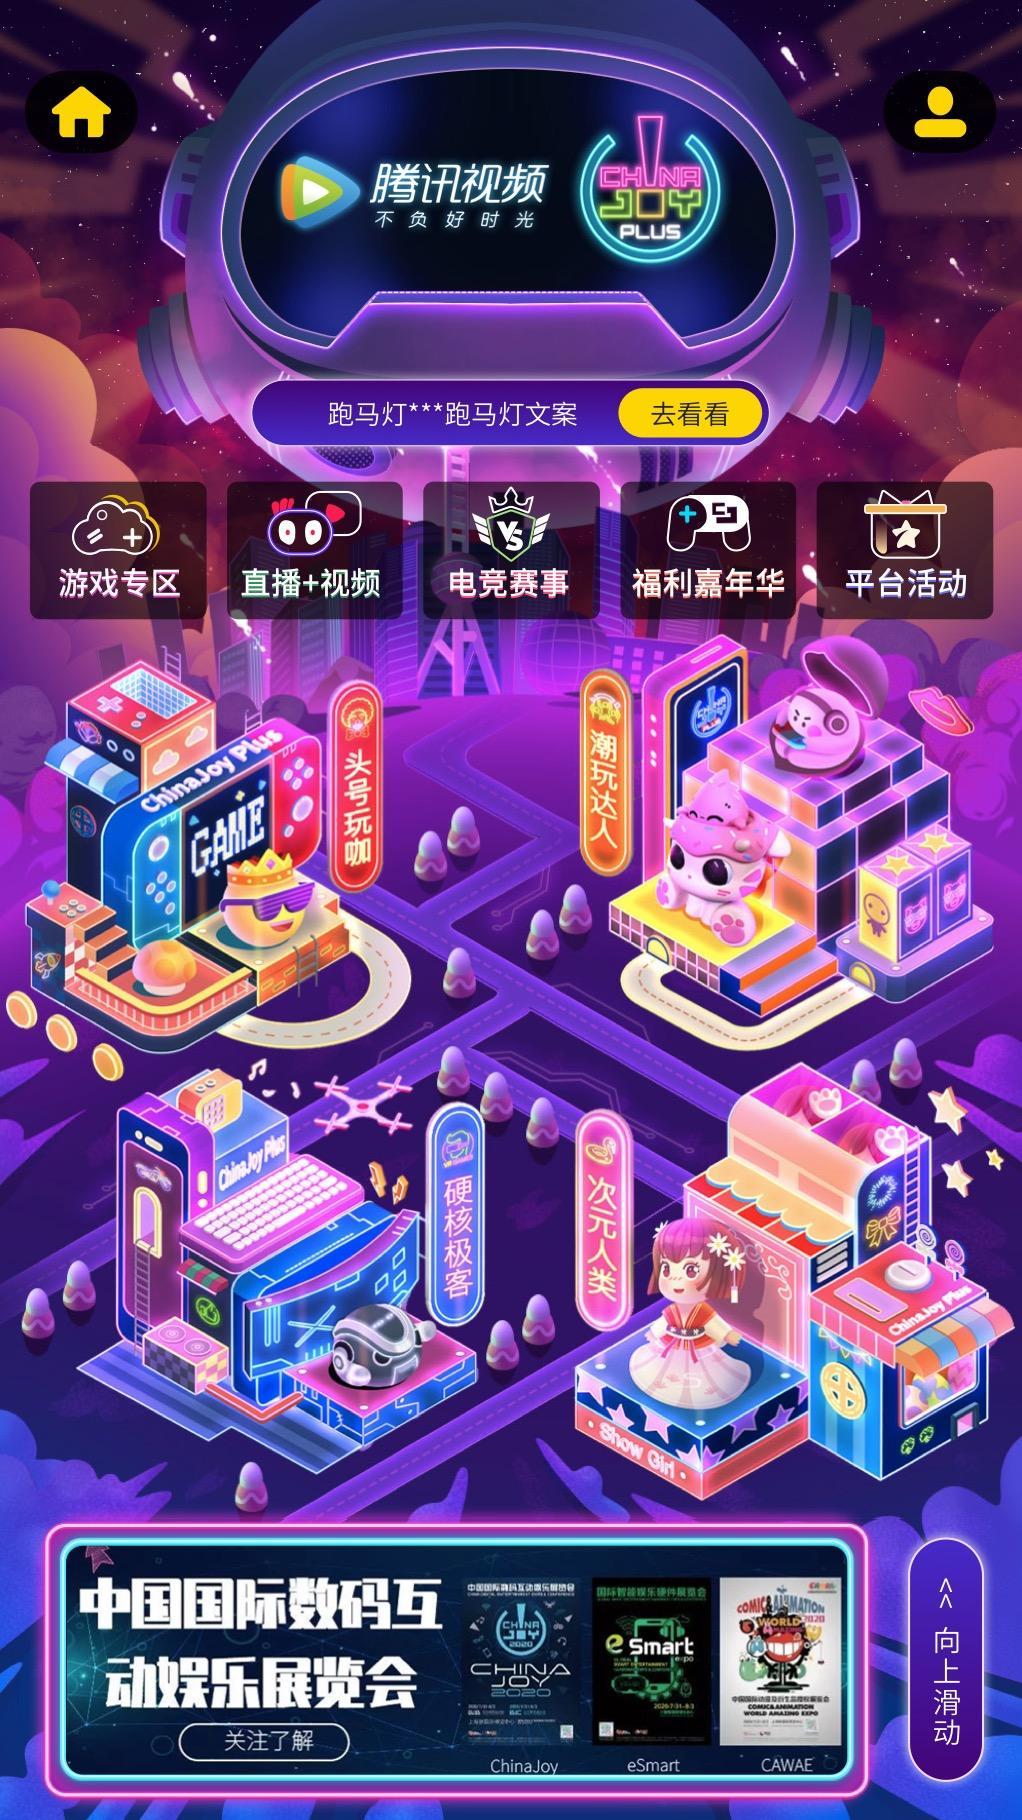 乘风破浪,强强联手!首届ChinaJoy Plus云展与腾讯视频达成重磅合作,迸发强劲品牌势能!